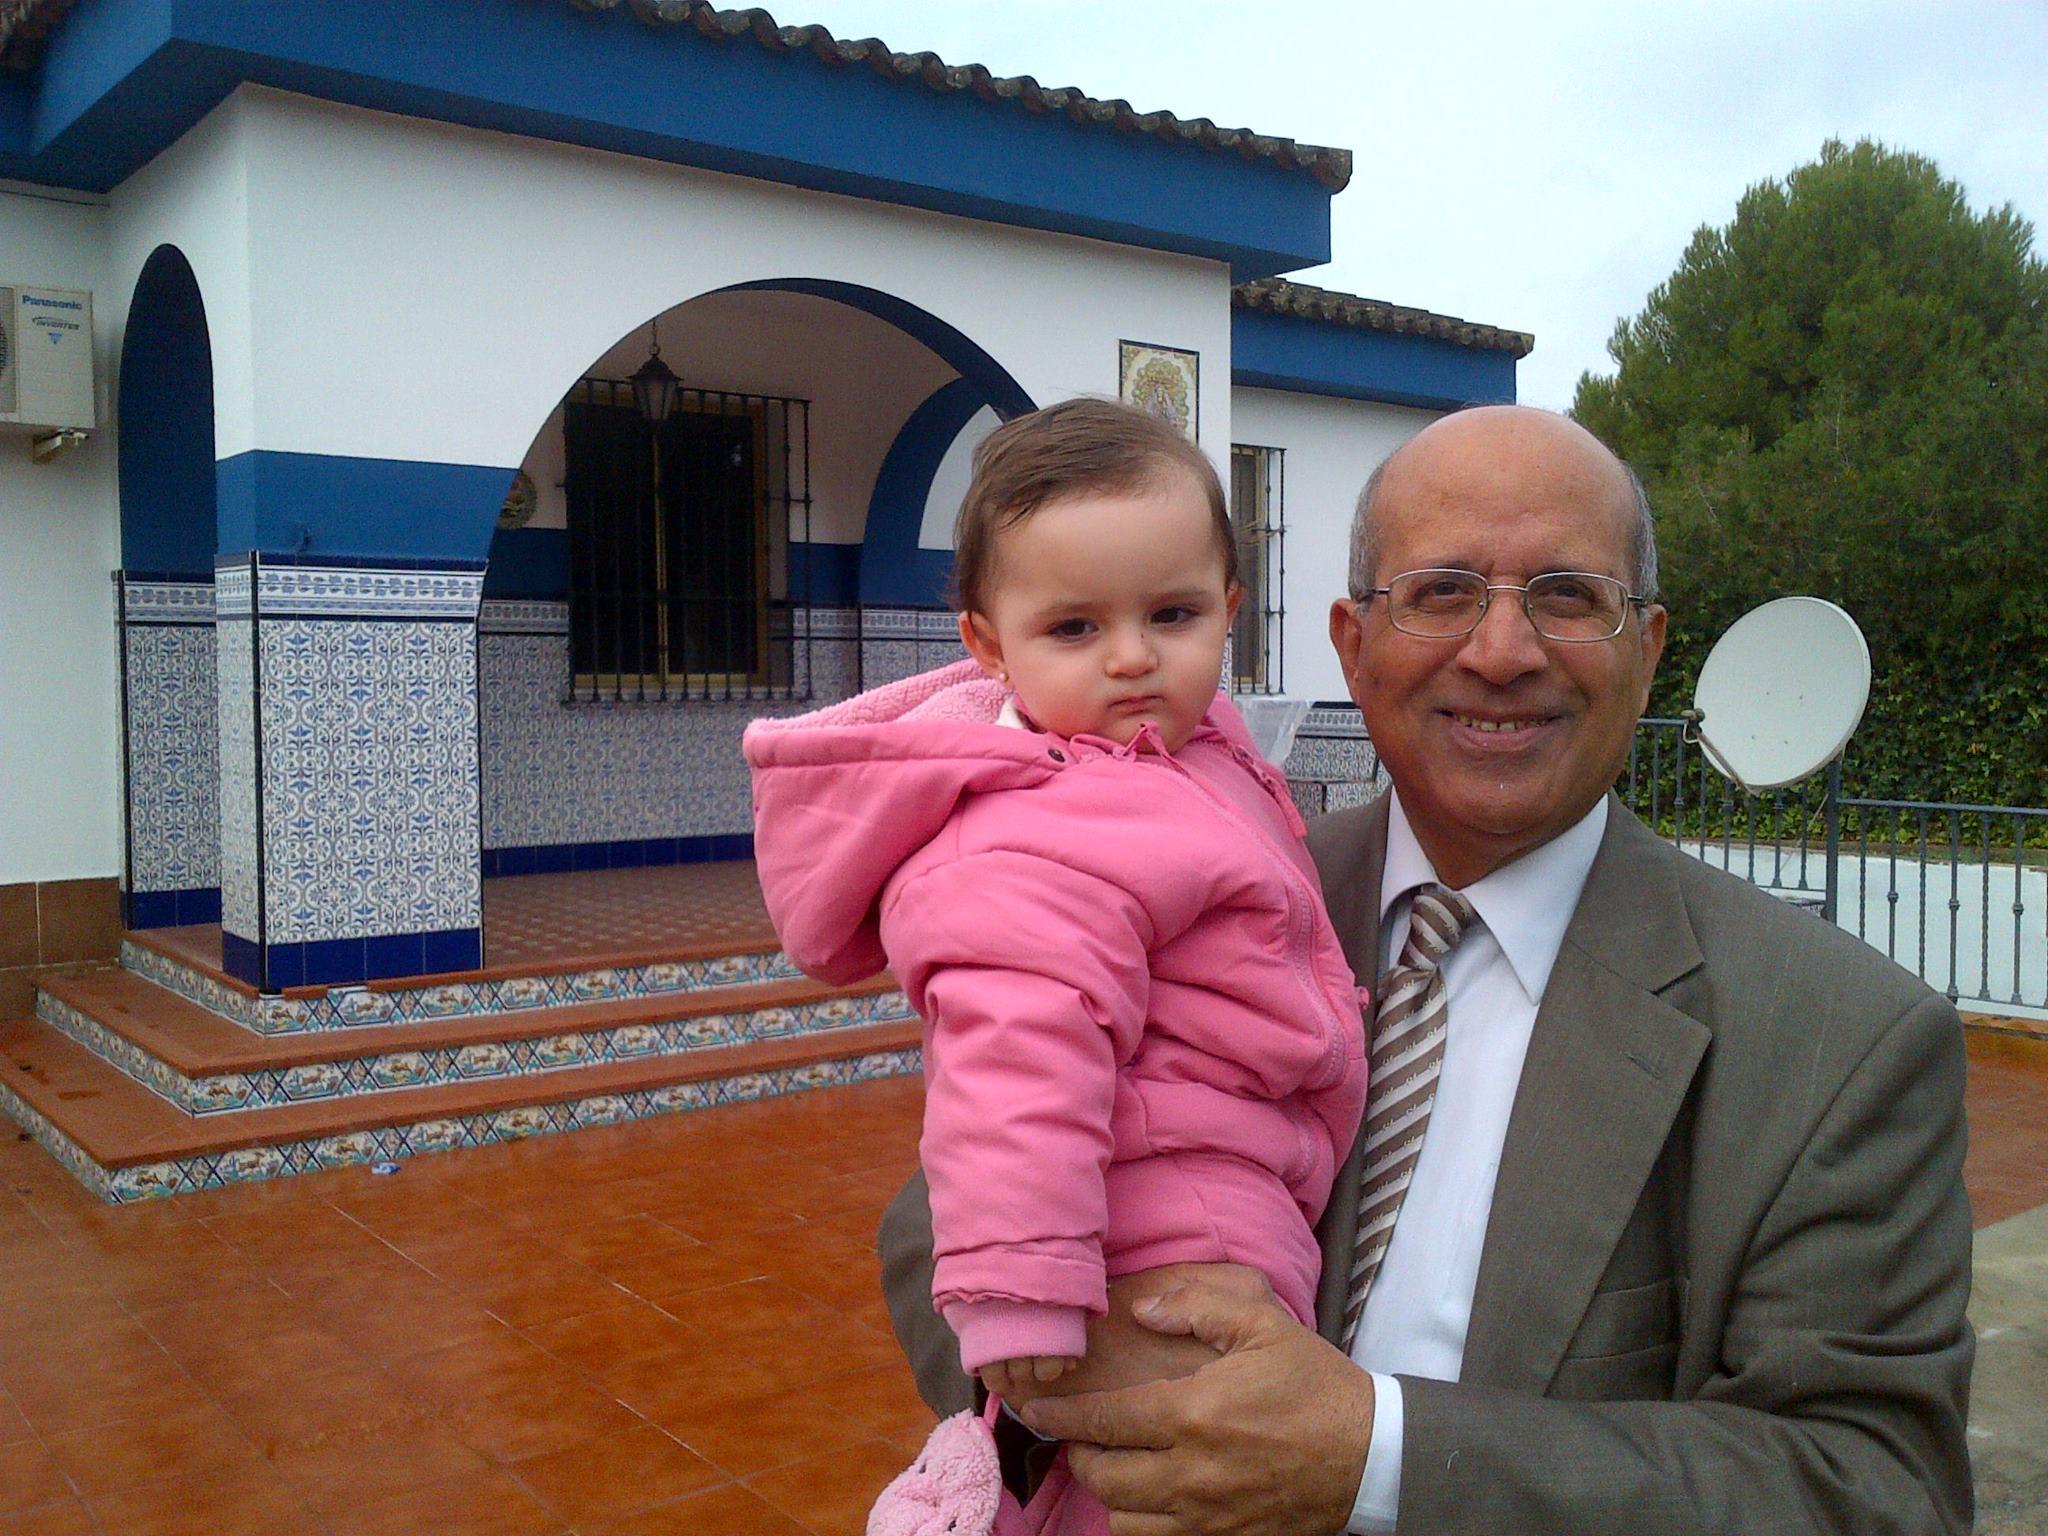 حفيدتي الصغيره تمارا مدريد  يناير 2013